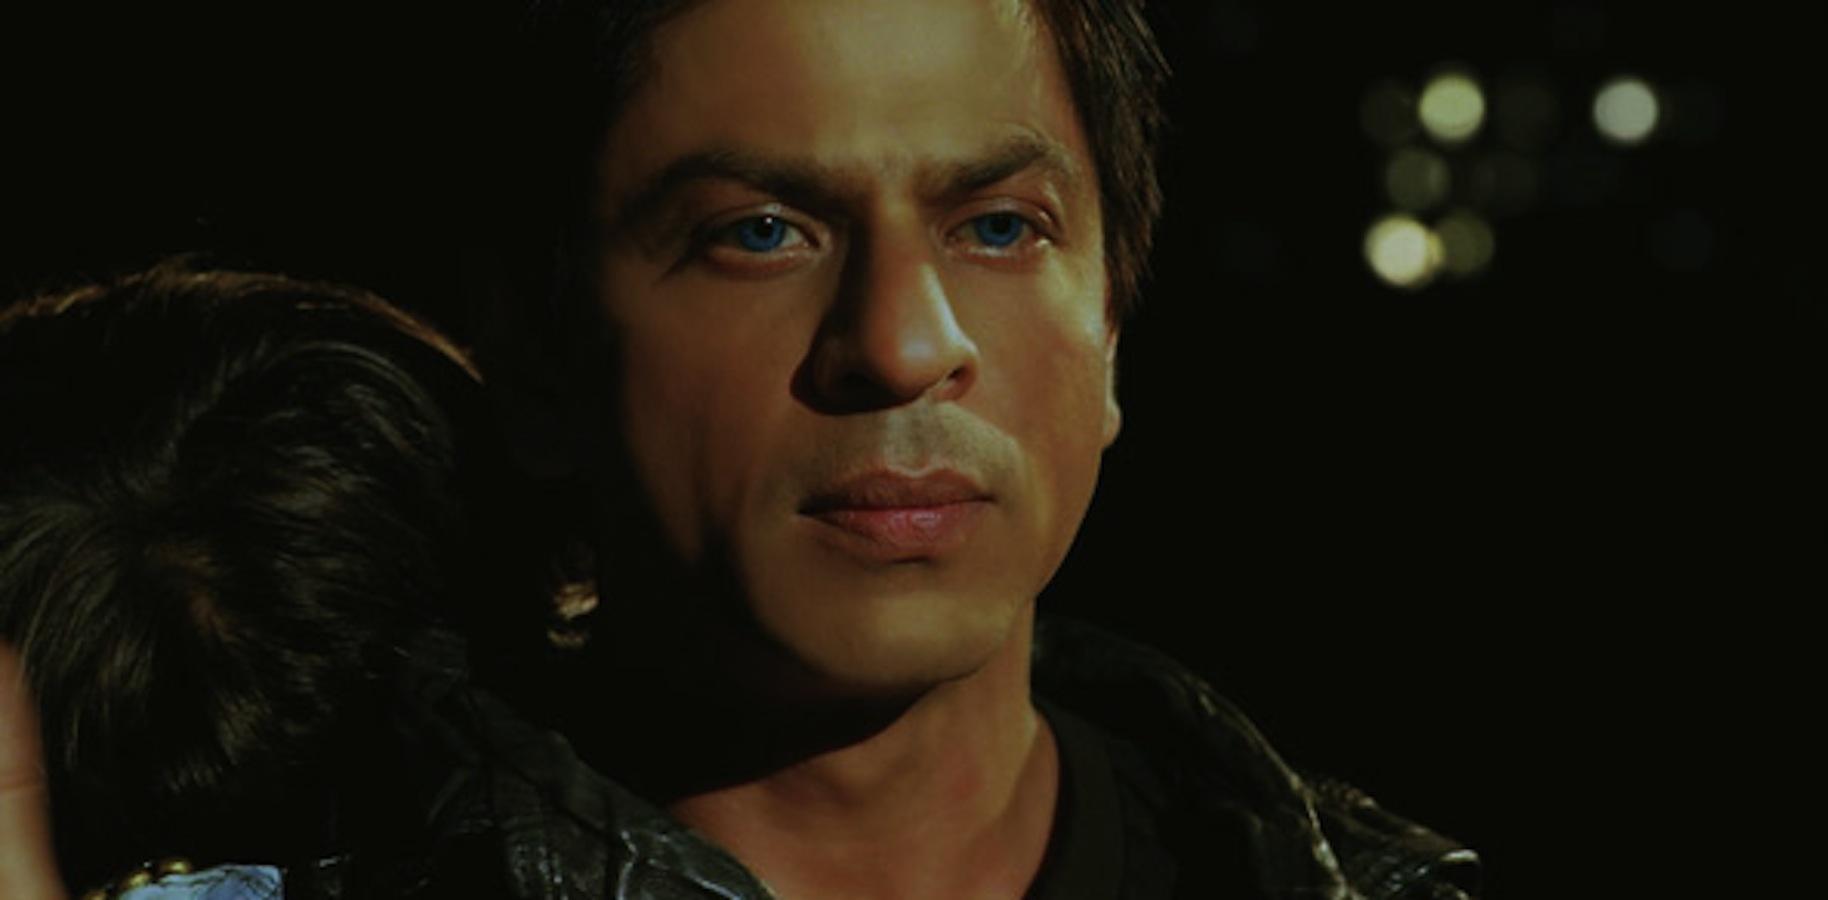 Shah Rukh Khan in Ra.One (2011)